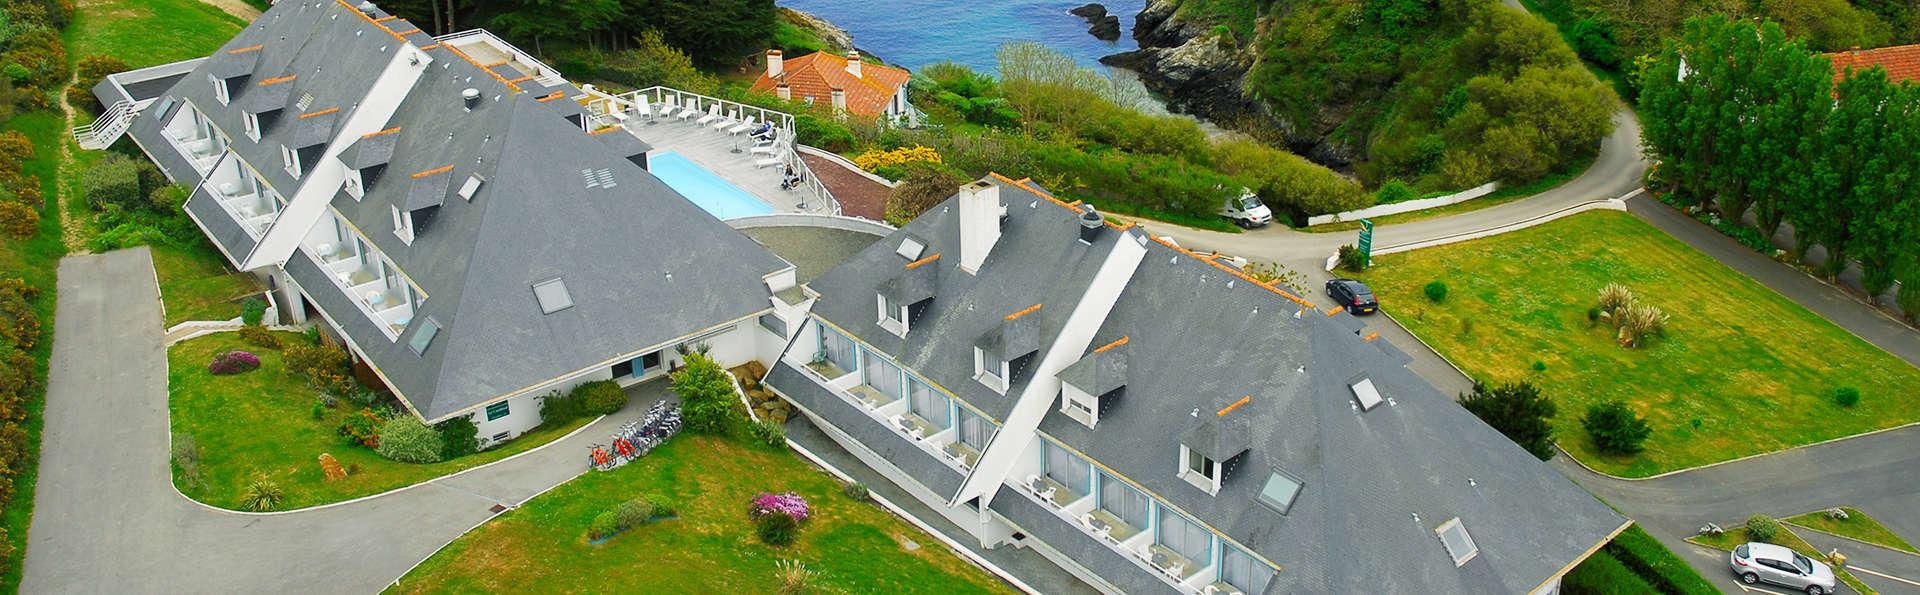 Hotel Le Cardinal Belle Ile en Mer - EDIT_Fachada_1.jpg